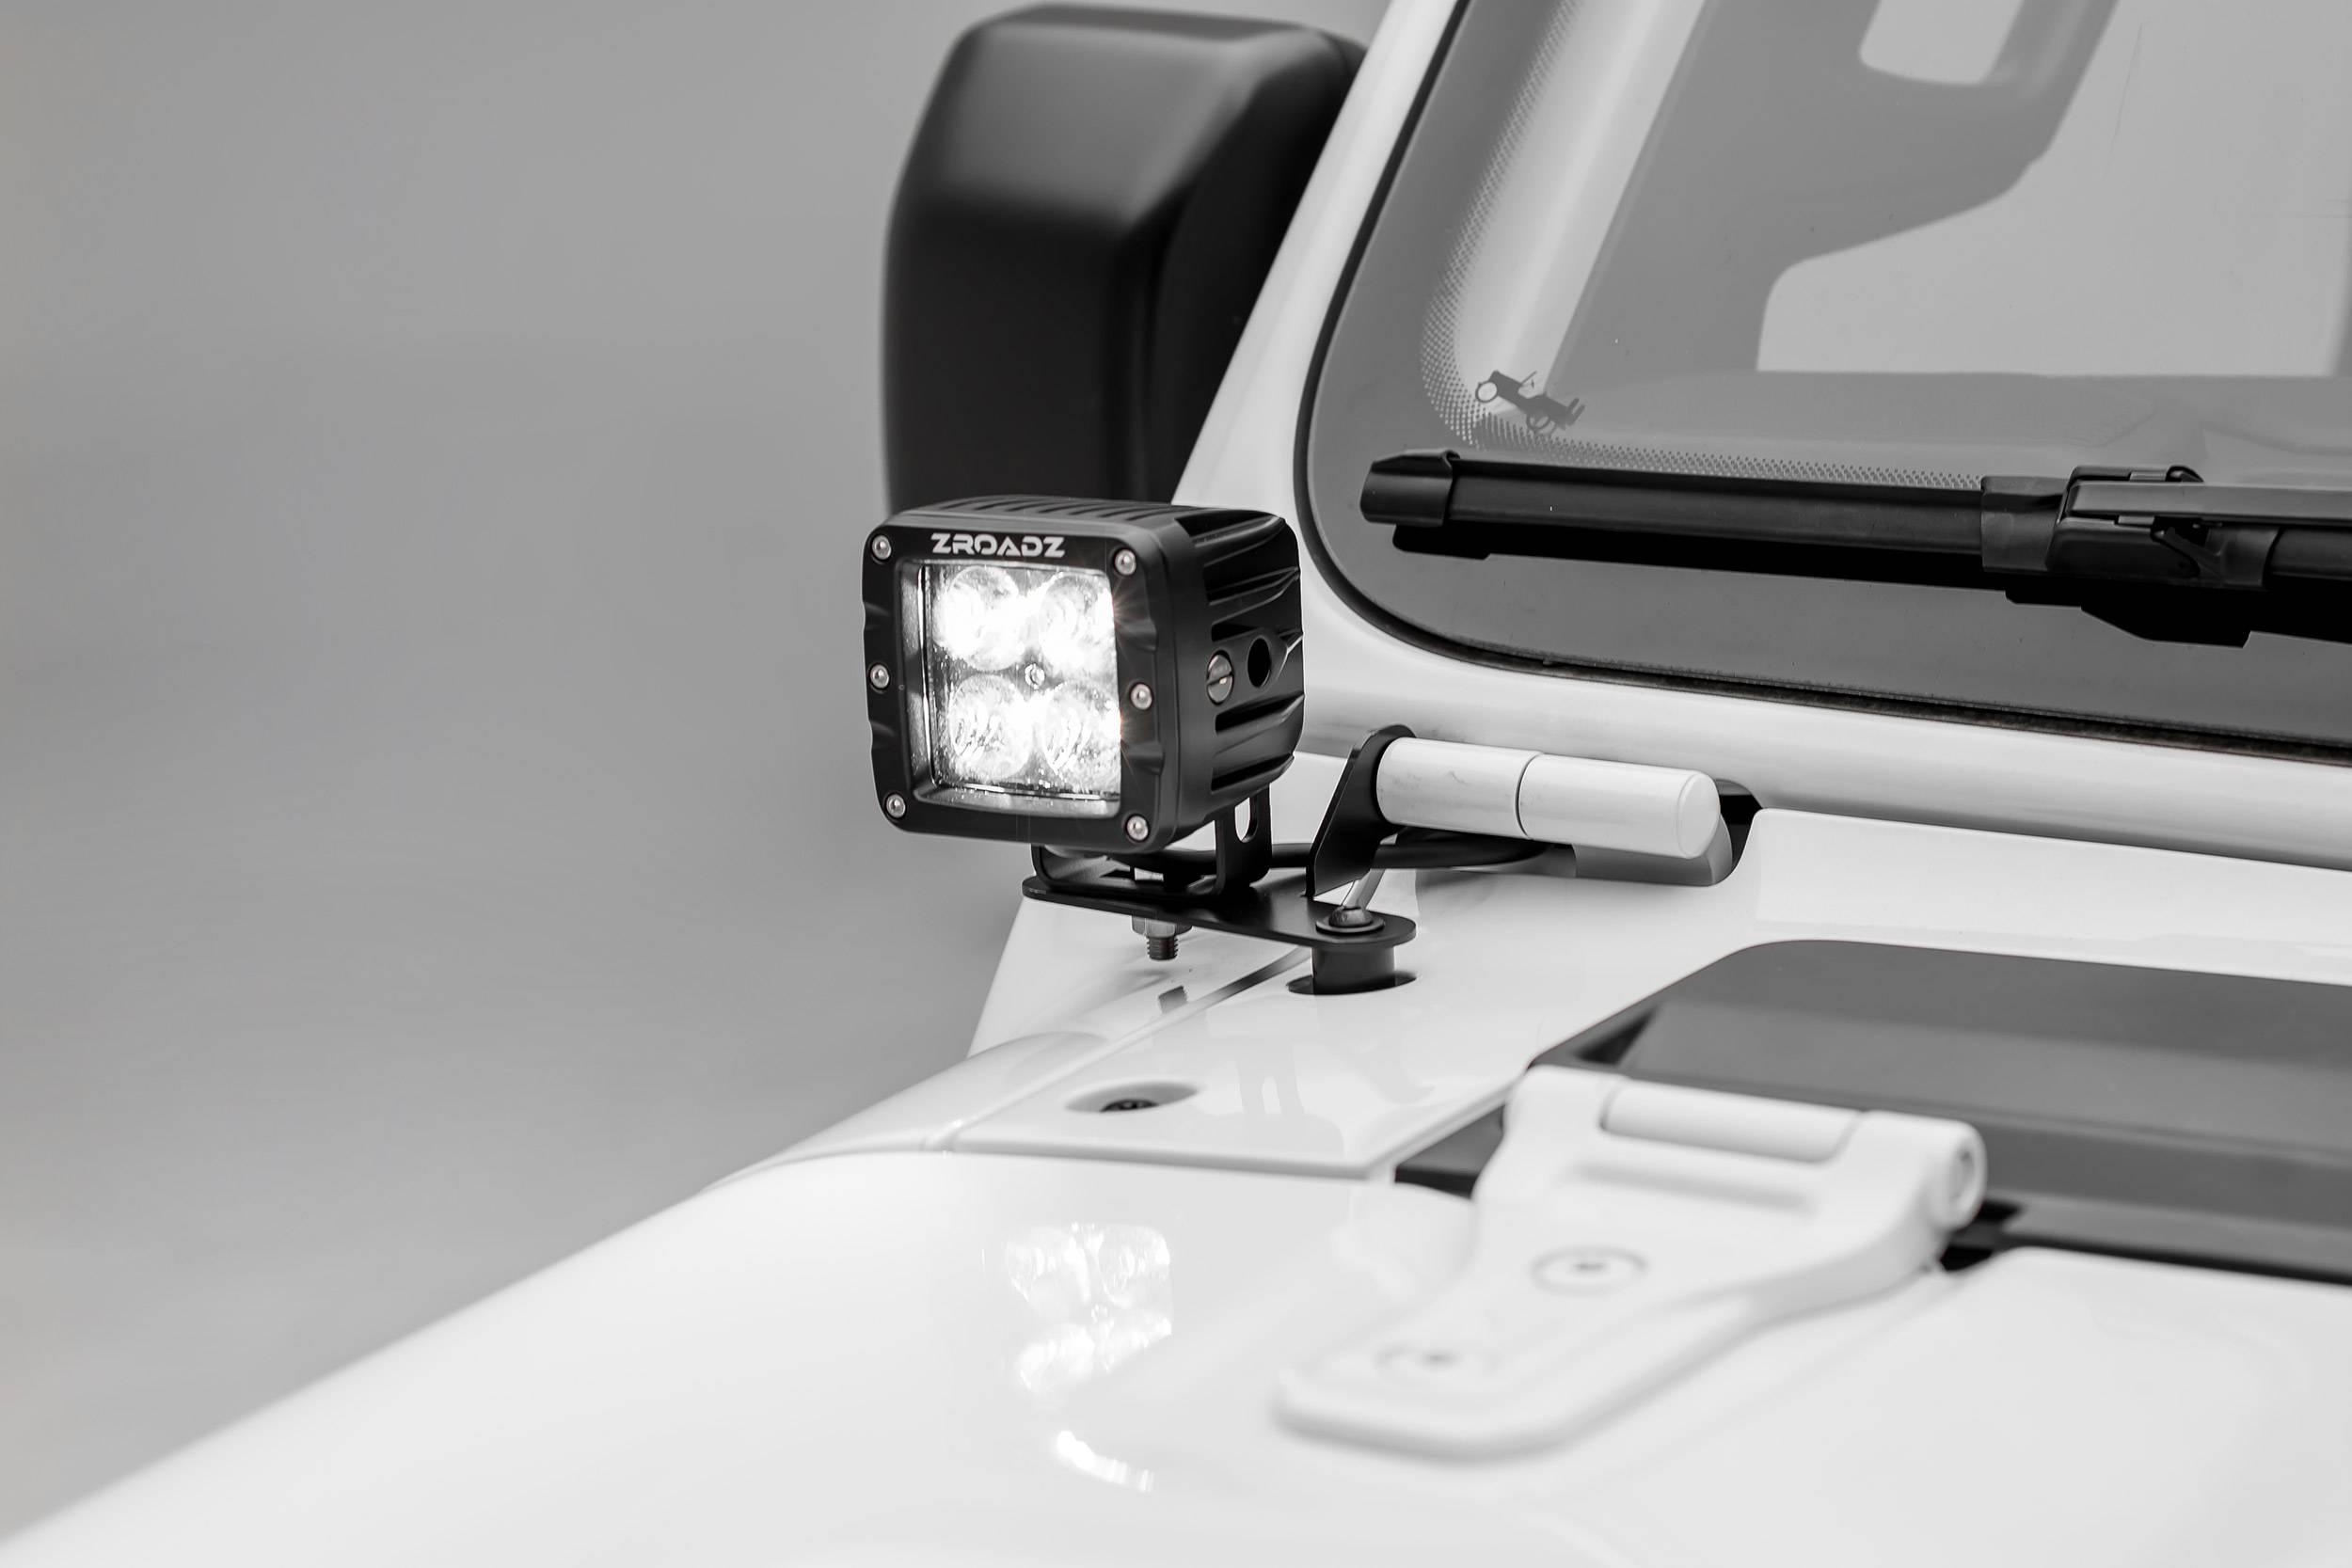 Jeep JL, Gladiator A Pillar LED Kit with (2) 3 Inch LED Pod Lights - PN #Z364941-KIT2